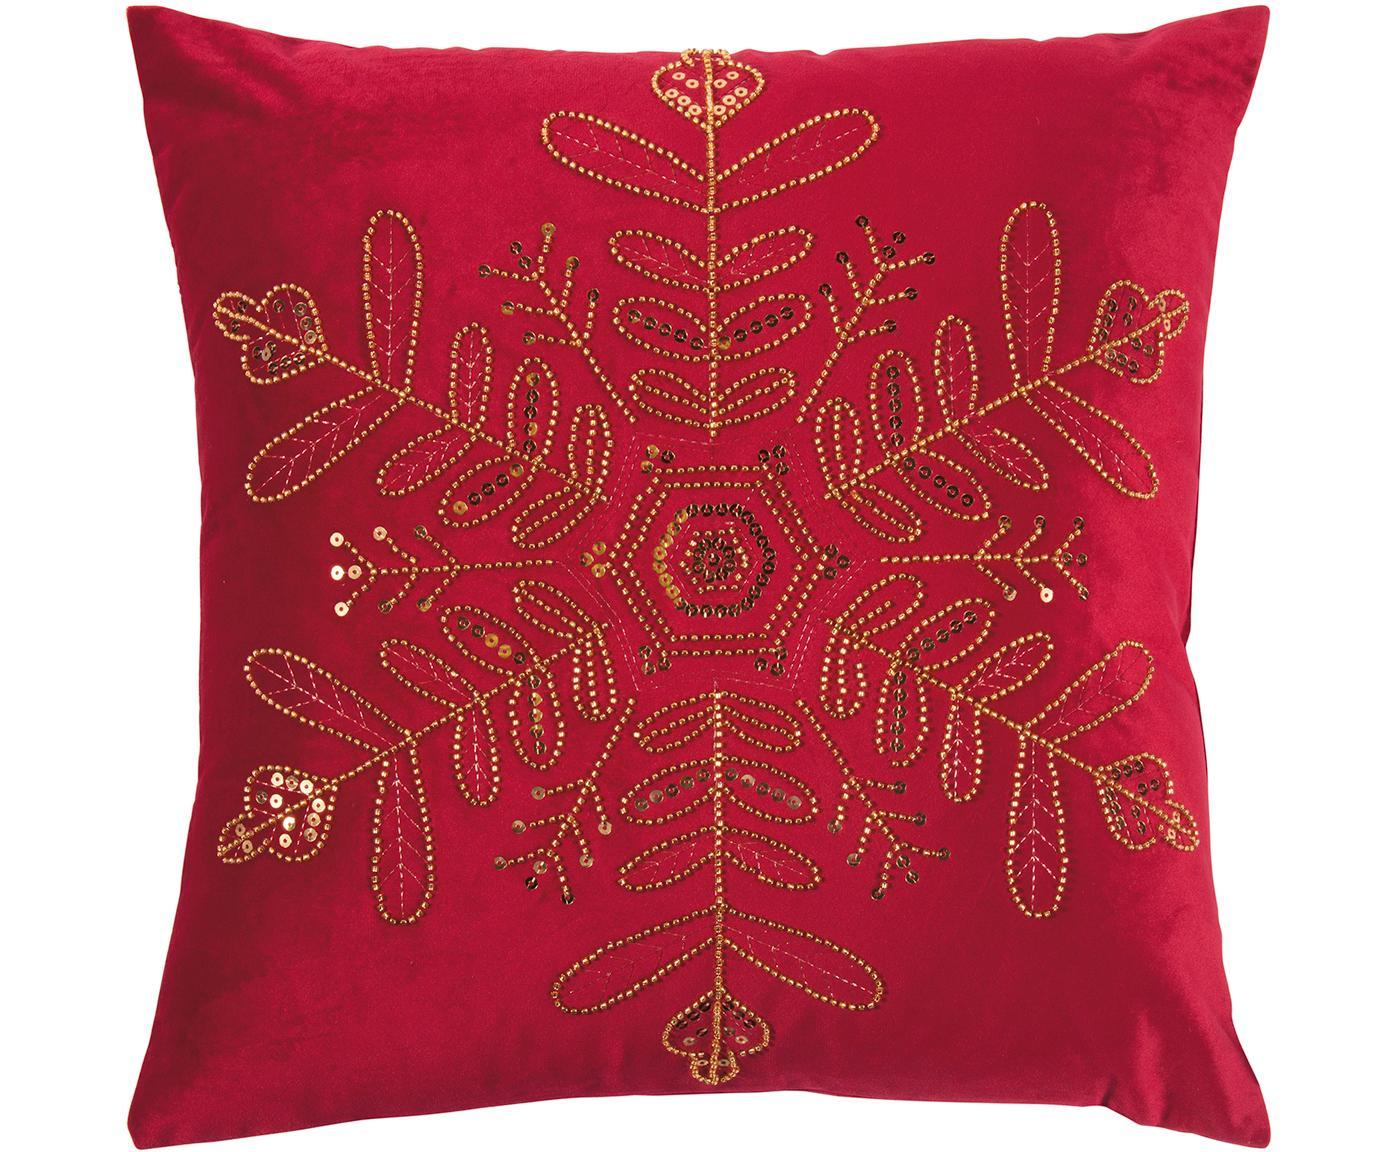 Fluwelen kussenhoes Sparkle met geborduurd parelmotief, Polyester fluweel, Rood, goudkleurig, 45 x 45 cm